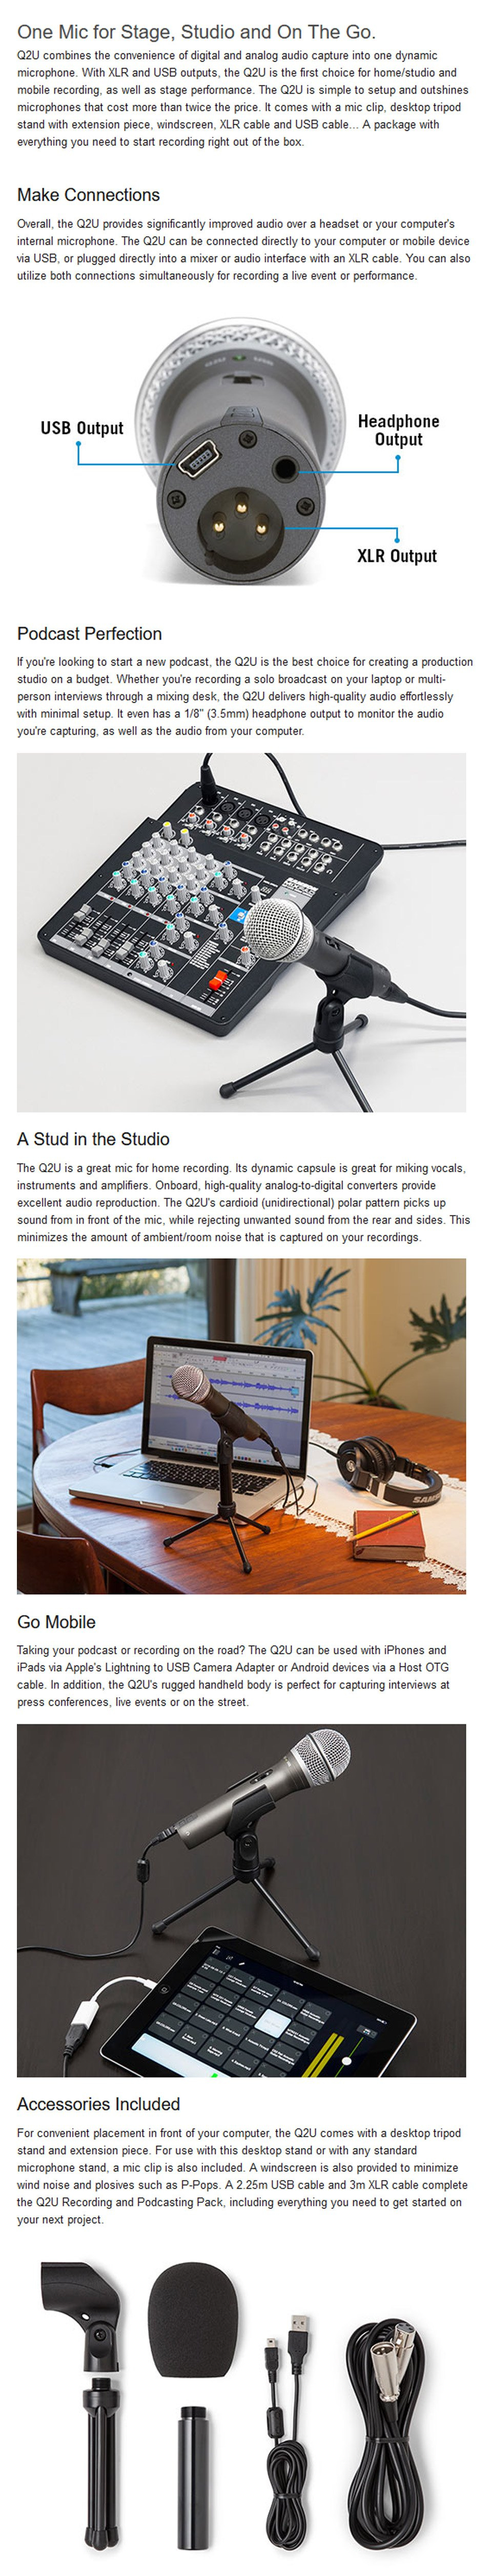 Samson Q2U USB/XLR Dynamic Microphone features